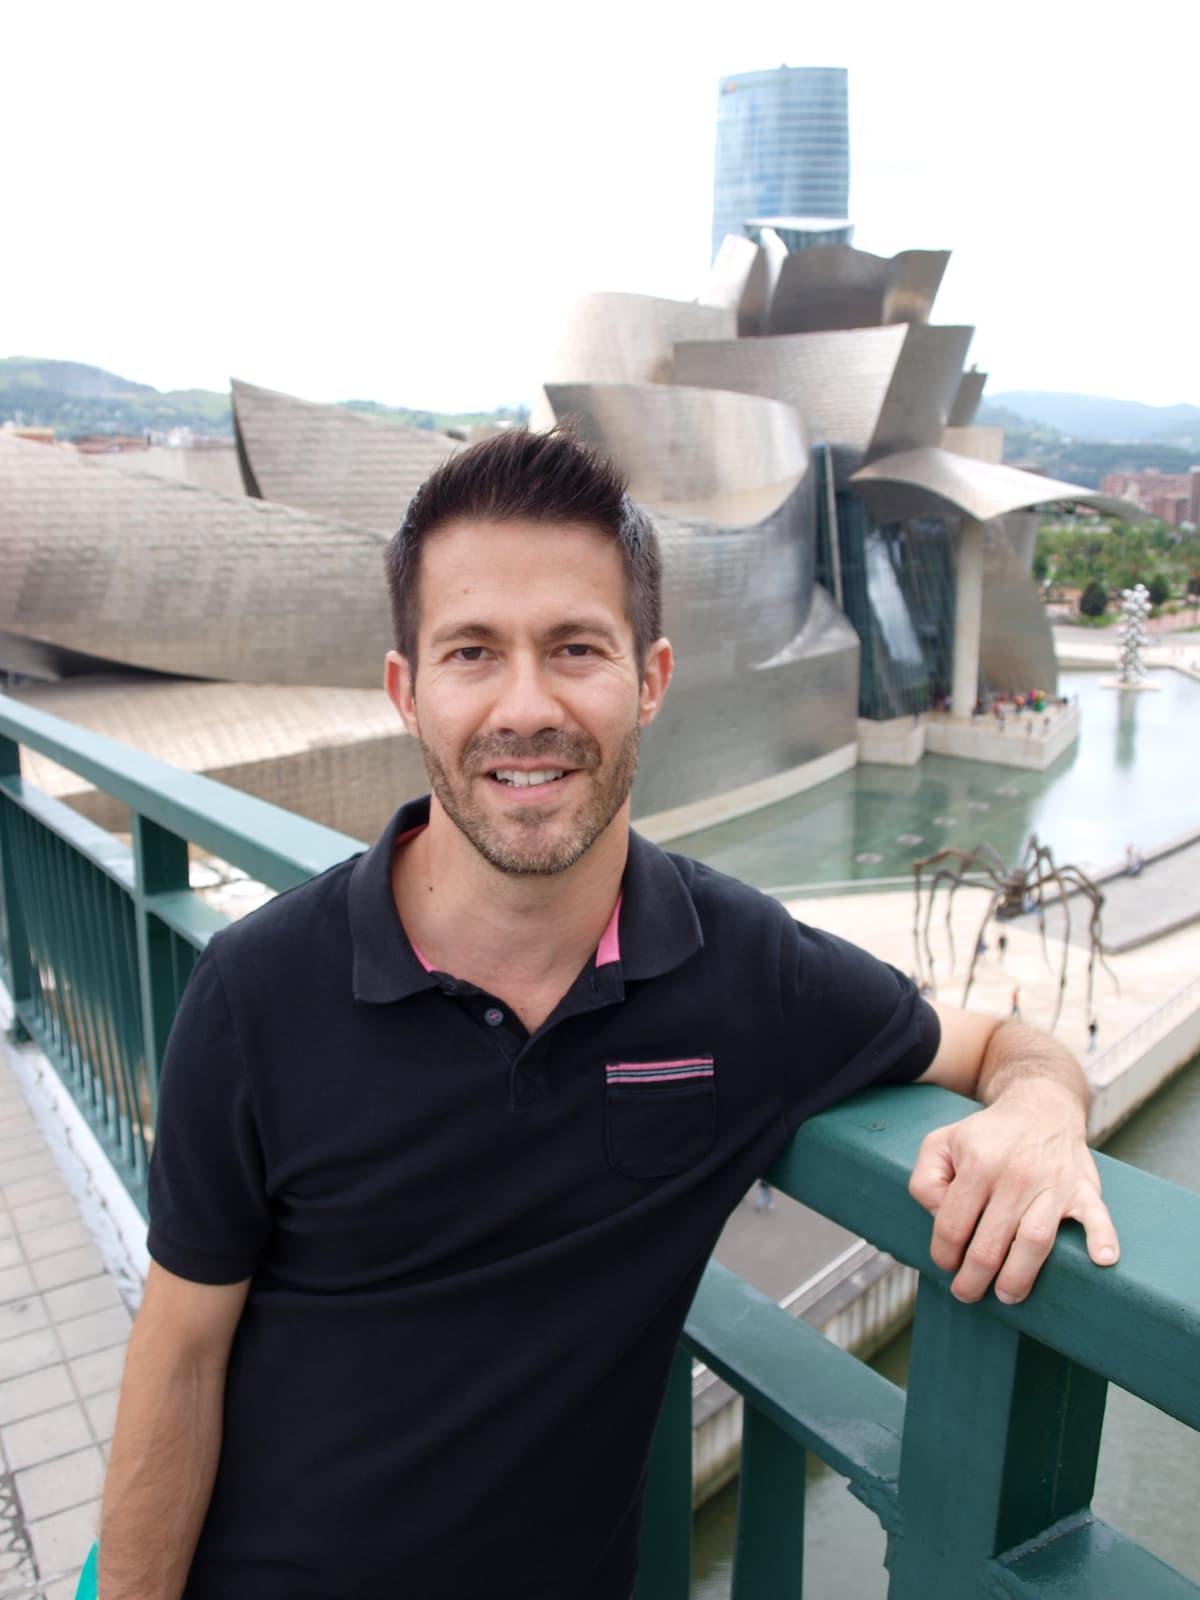 Jean Louis From Saint-Étienne, France